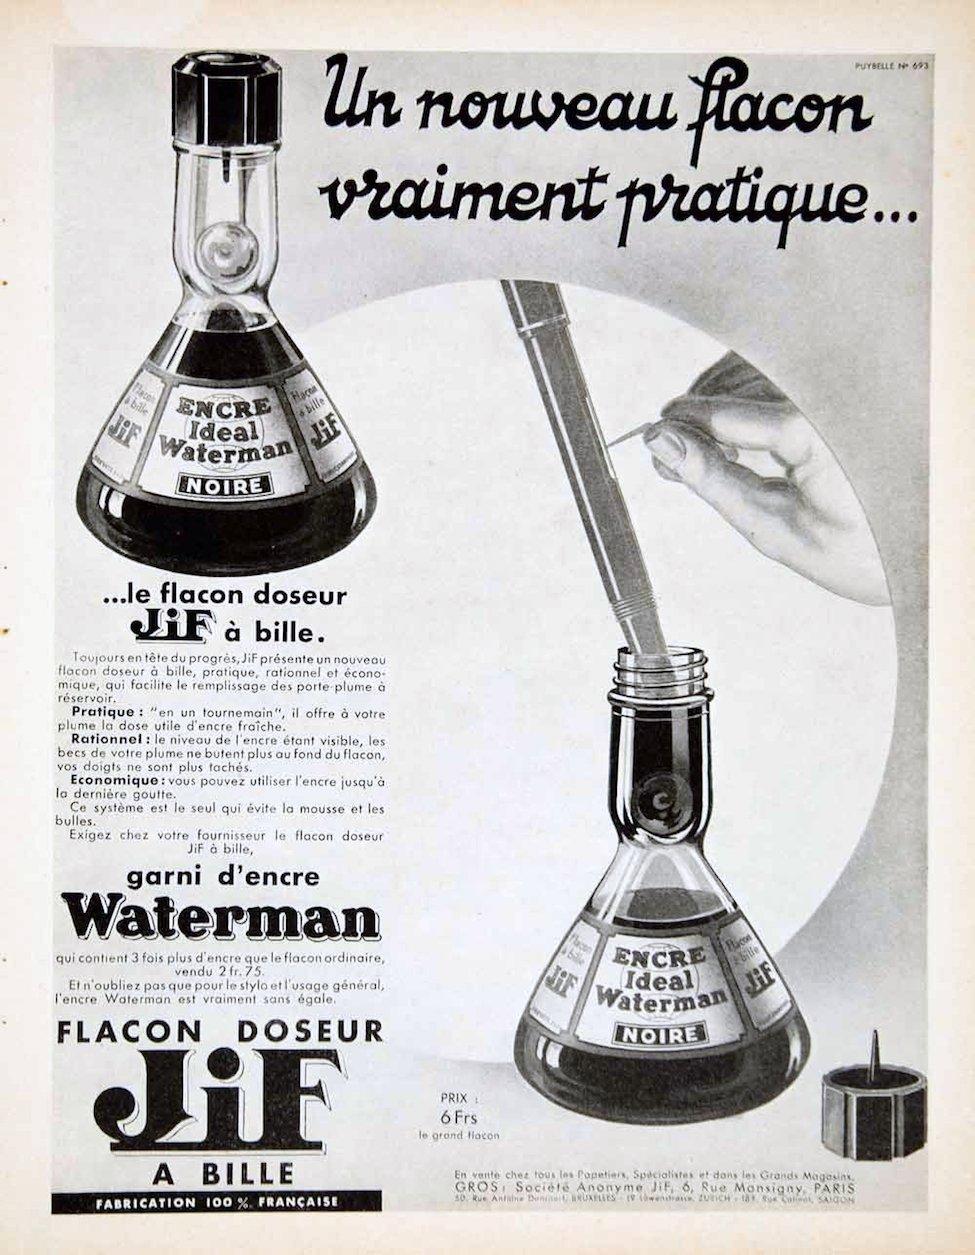 fpn_1503624201__waterman-ink-tall_bottle